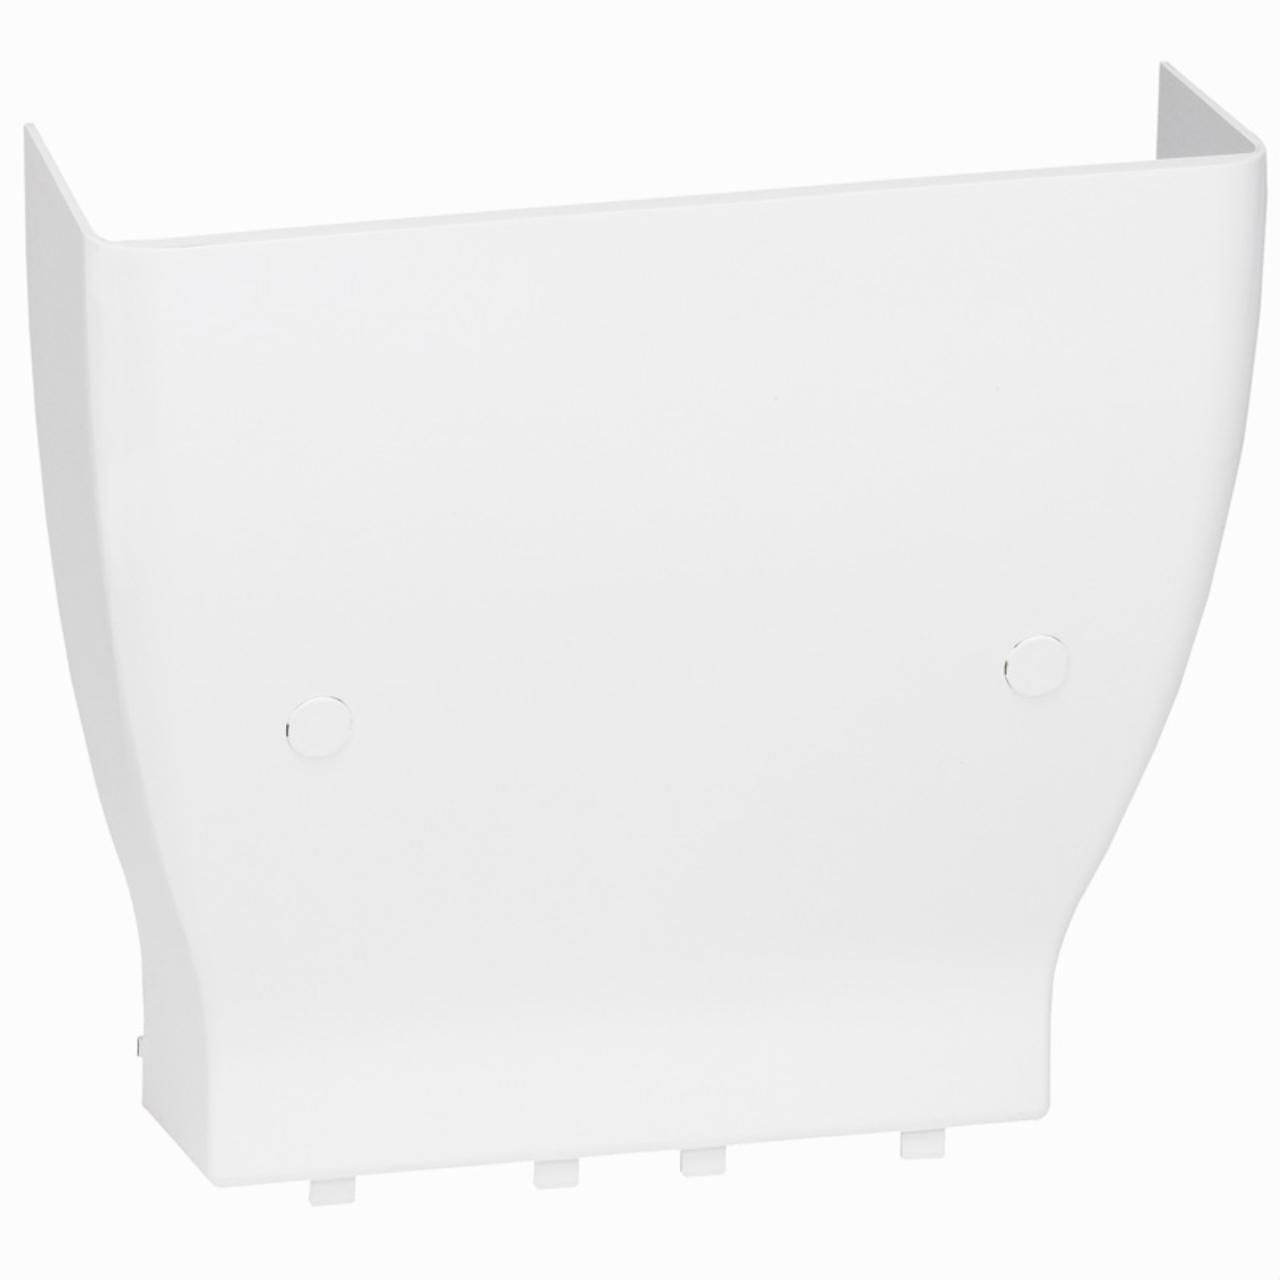 Goulotte Pour Plafond legrand 030095 | cornet d'épanouissement jonction goulotte